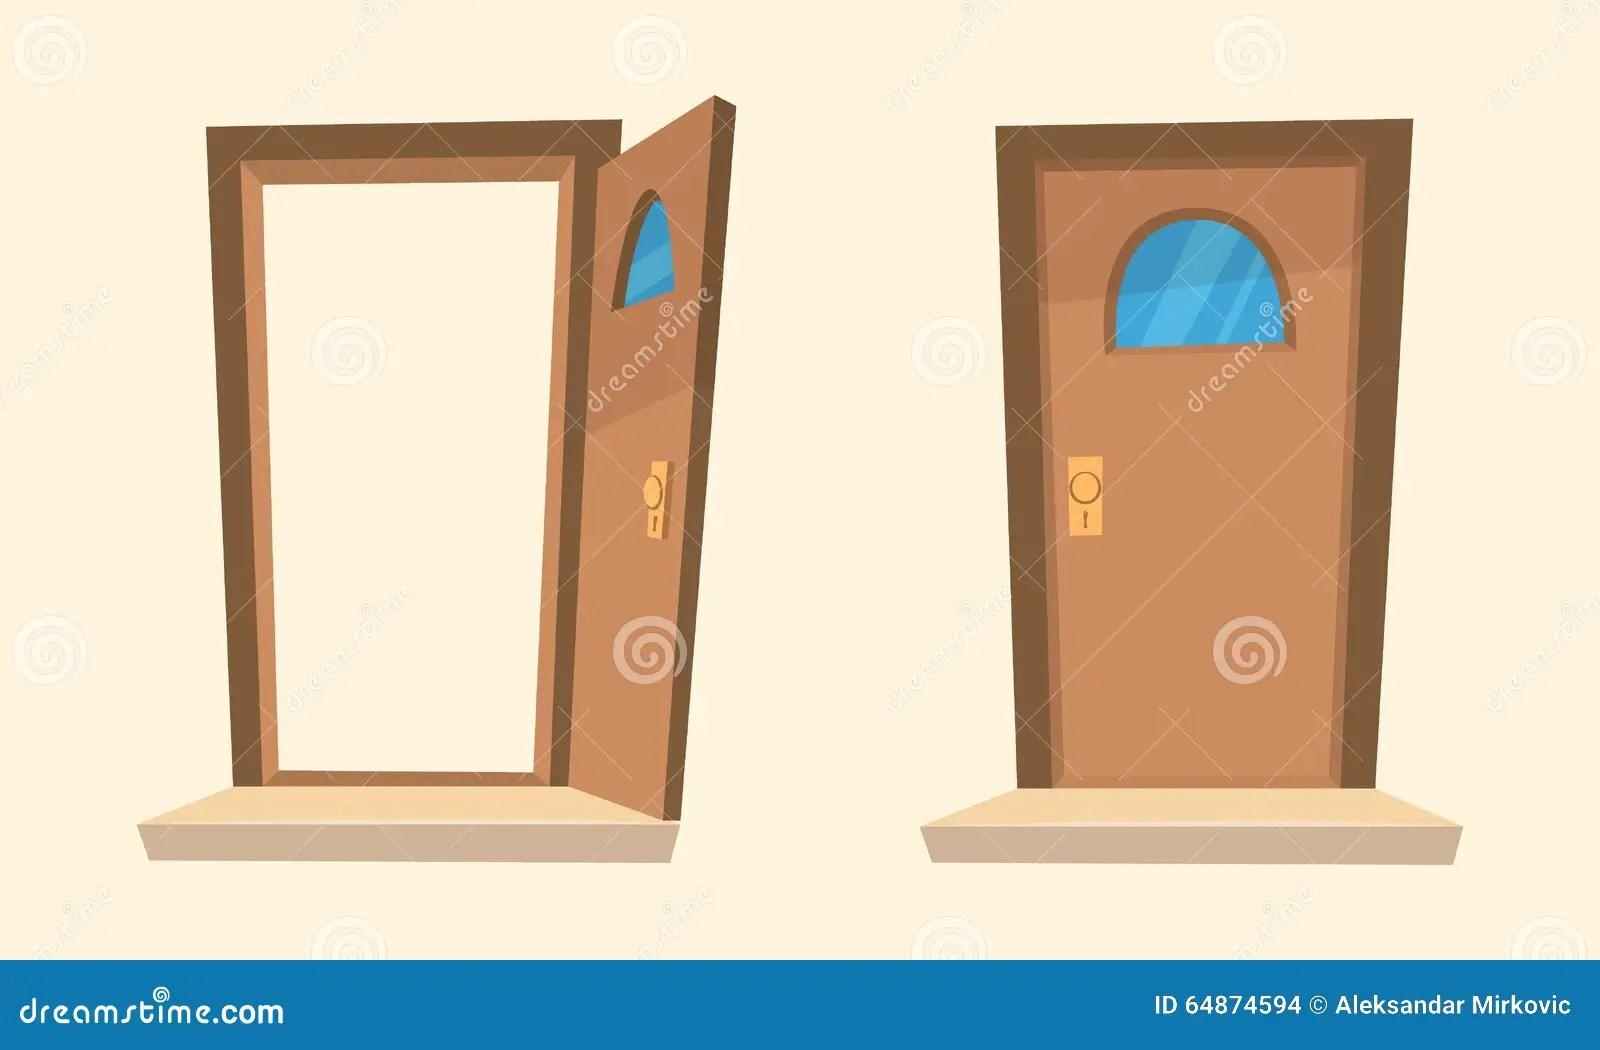 Kreskowek Drzwi Ilustracja Wektor Ilustracja Z O Onej Z